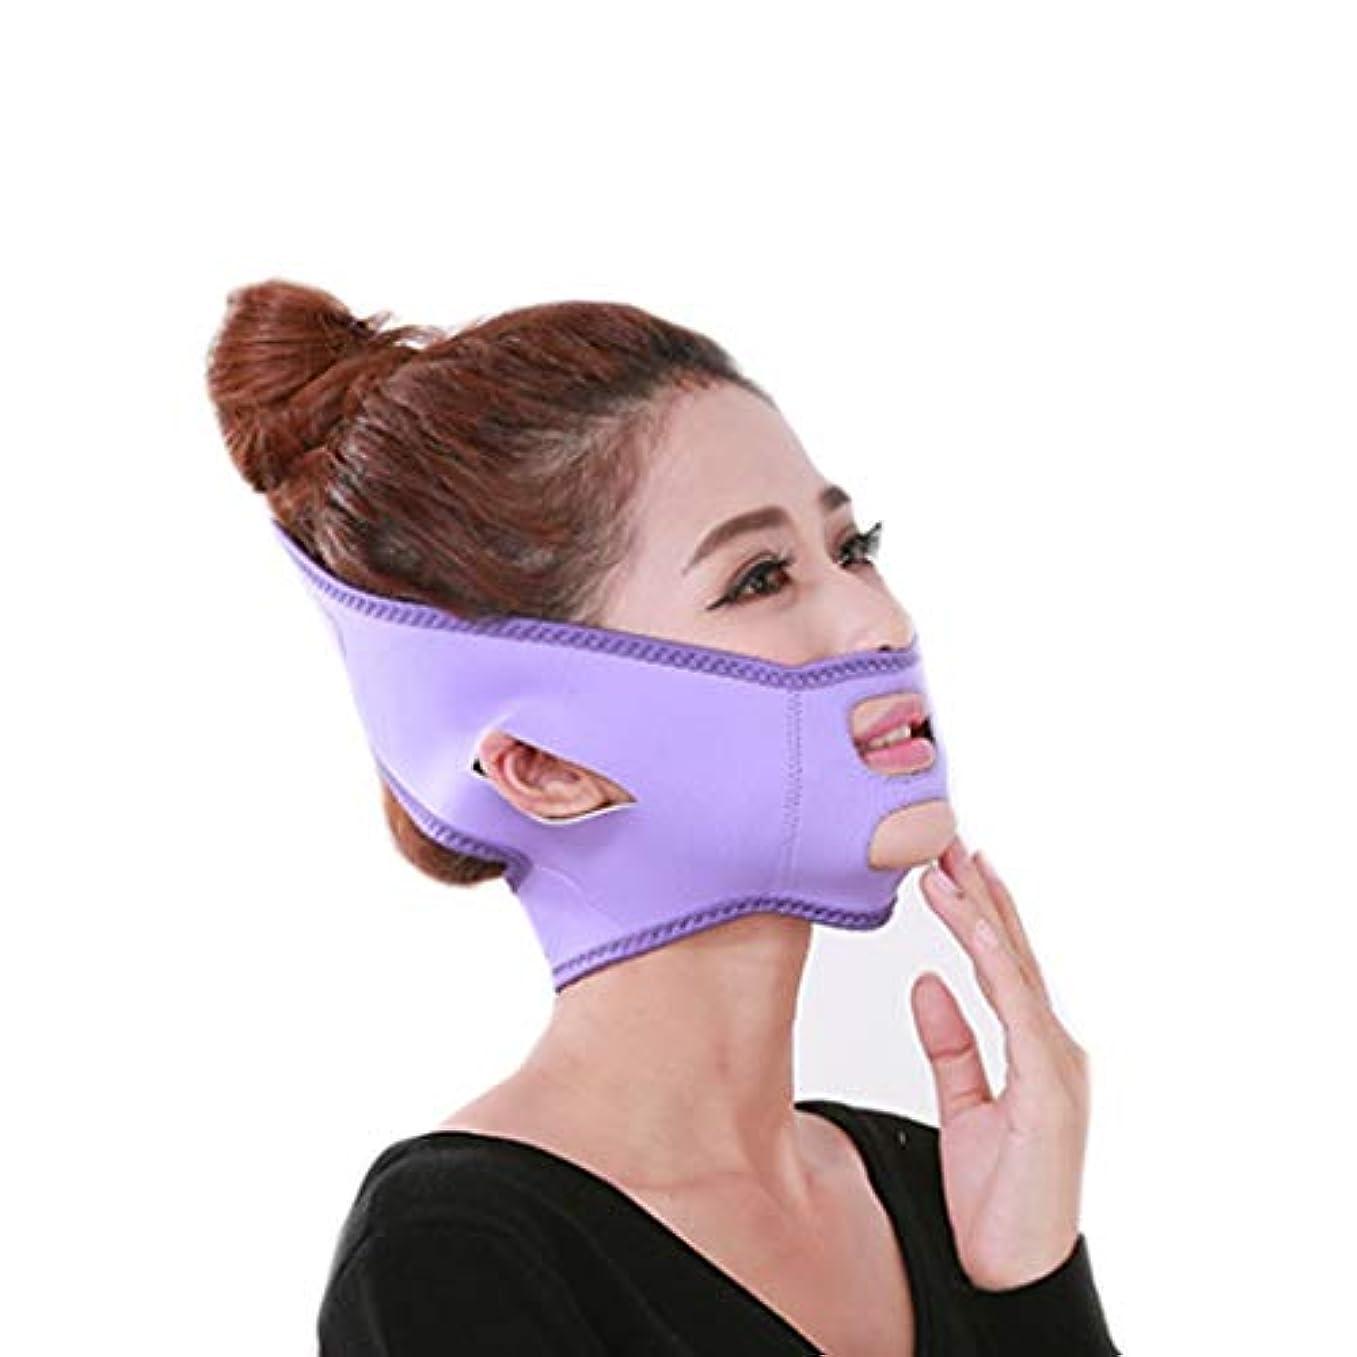 キャロライン運動する大学院XHLMRMJ フェイスリフトテープ&バンド、フェイススリミングマスク、ダブルチン、ダブルチンリデューサー、シワ防止マスク、リフティングシェイプ(フリーサイズ) (Color : Purple)